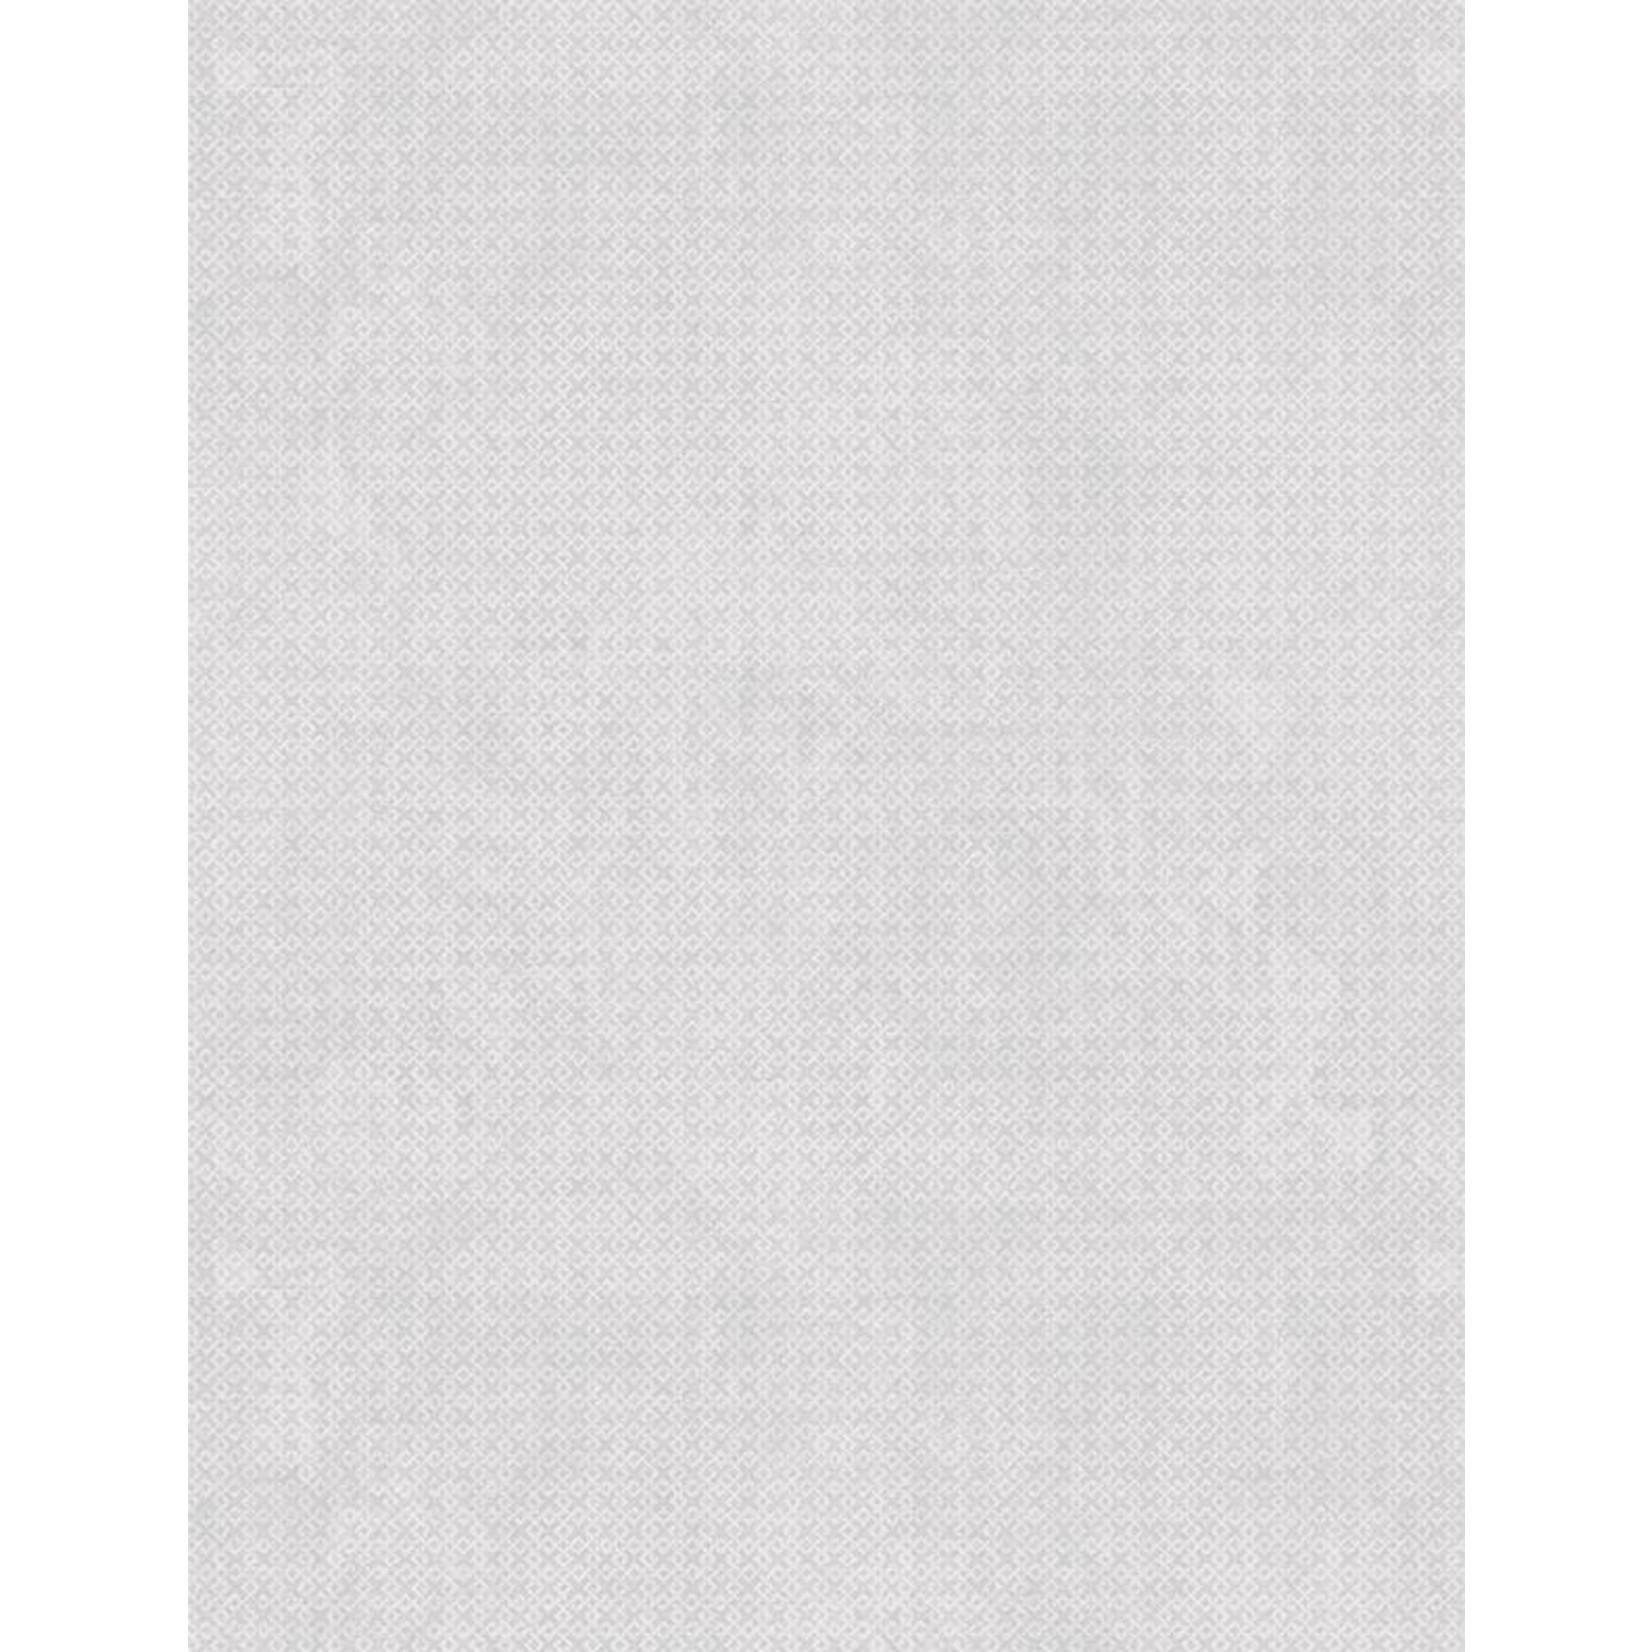 Wilmington Prints Essentials, Criss-Cross (Silver), per cm or $18/m